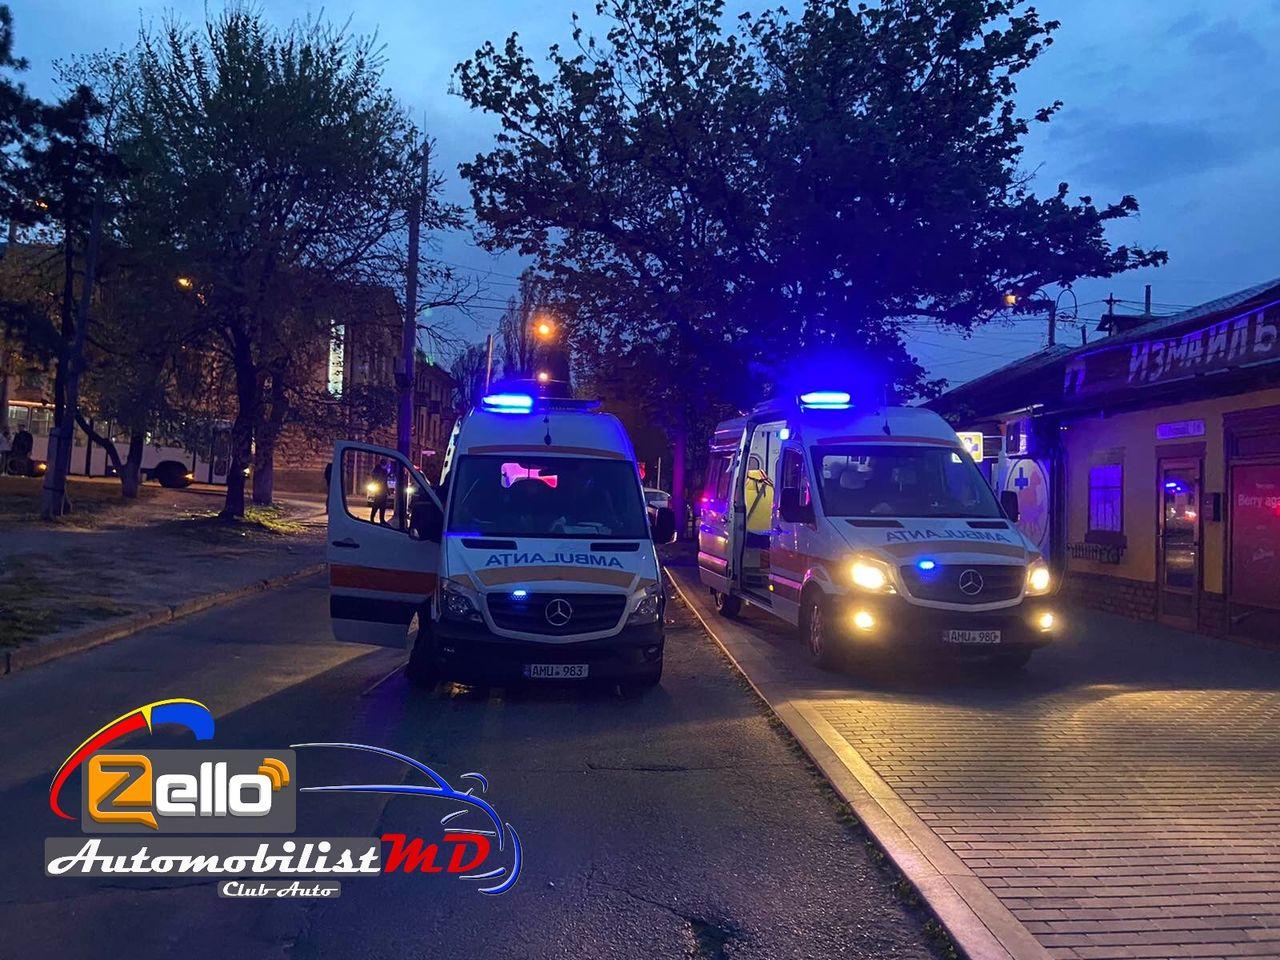 ВКишиневе попала ваварию машина скорой помощи. Скорая везла пациента ссимптомами коронавируса (ФОТО)